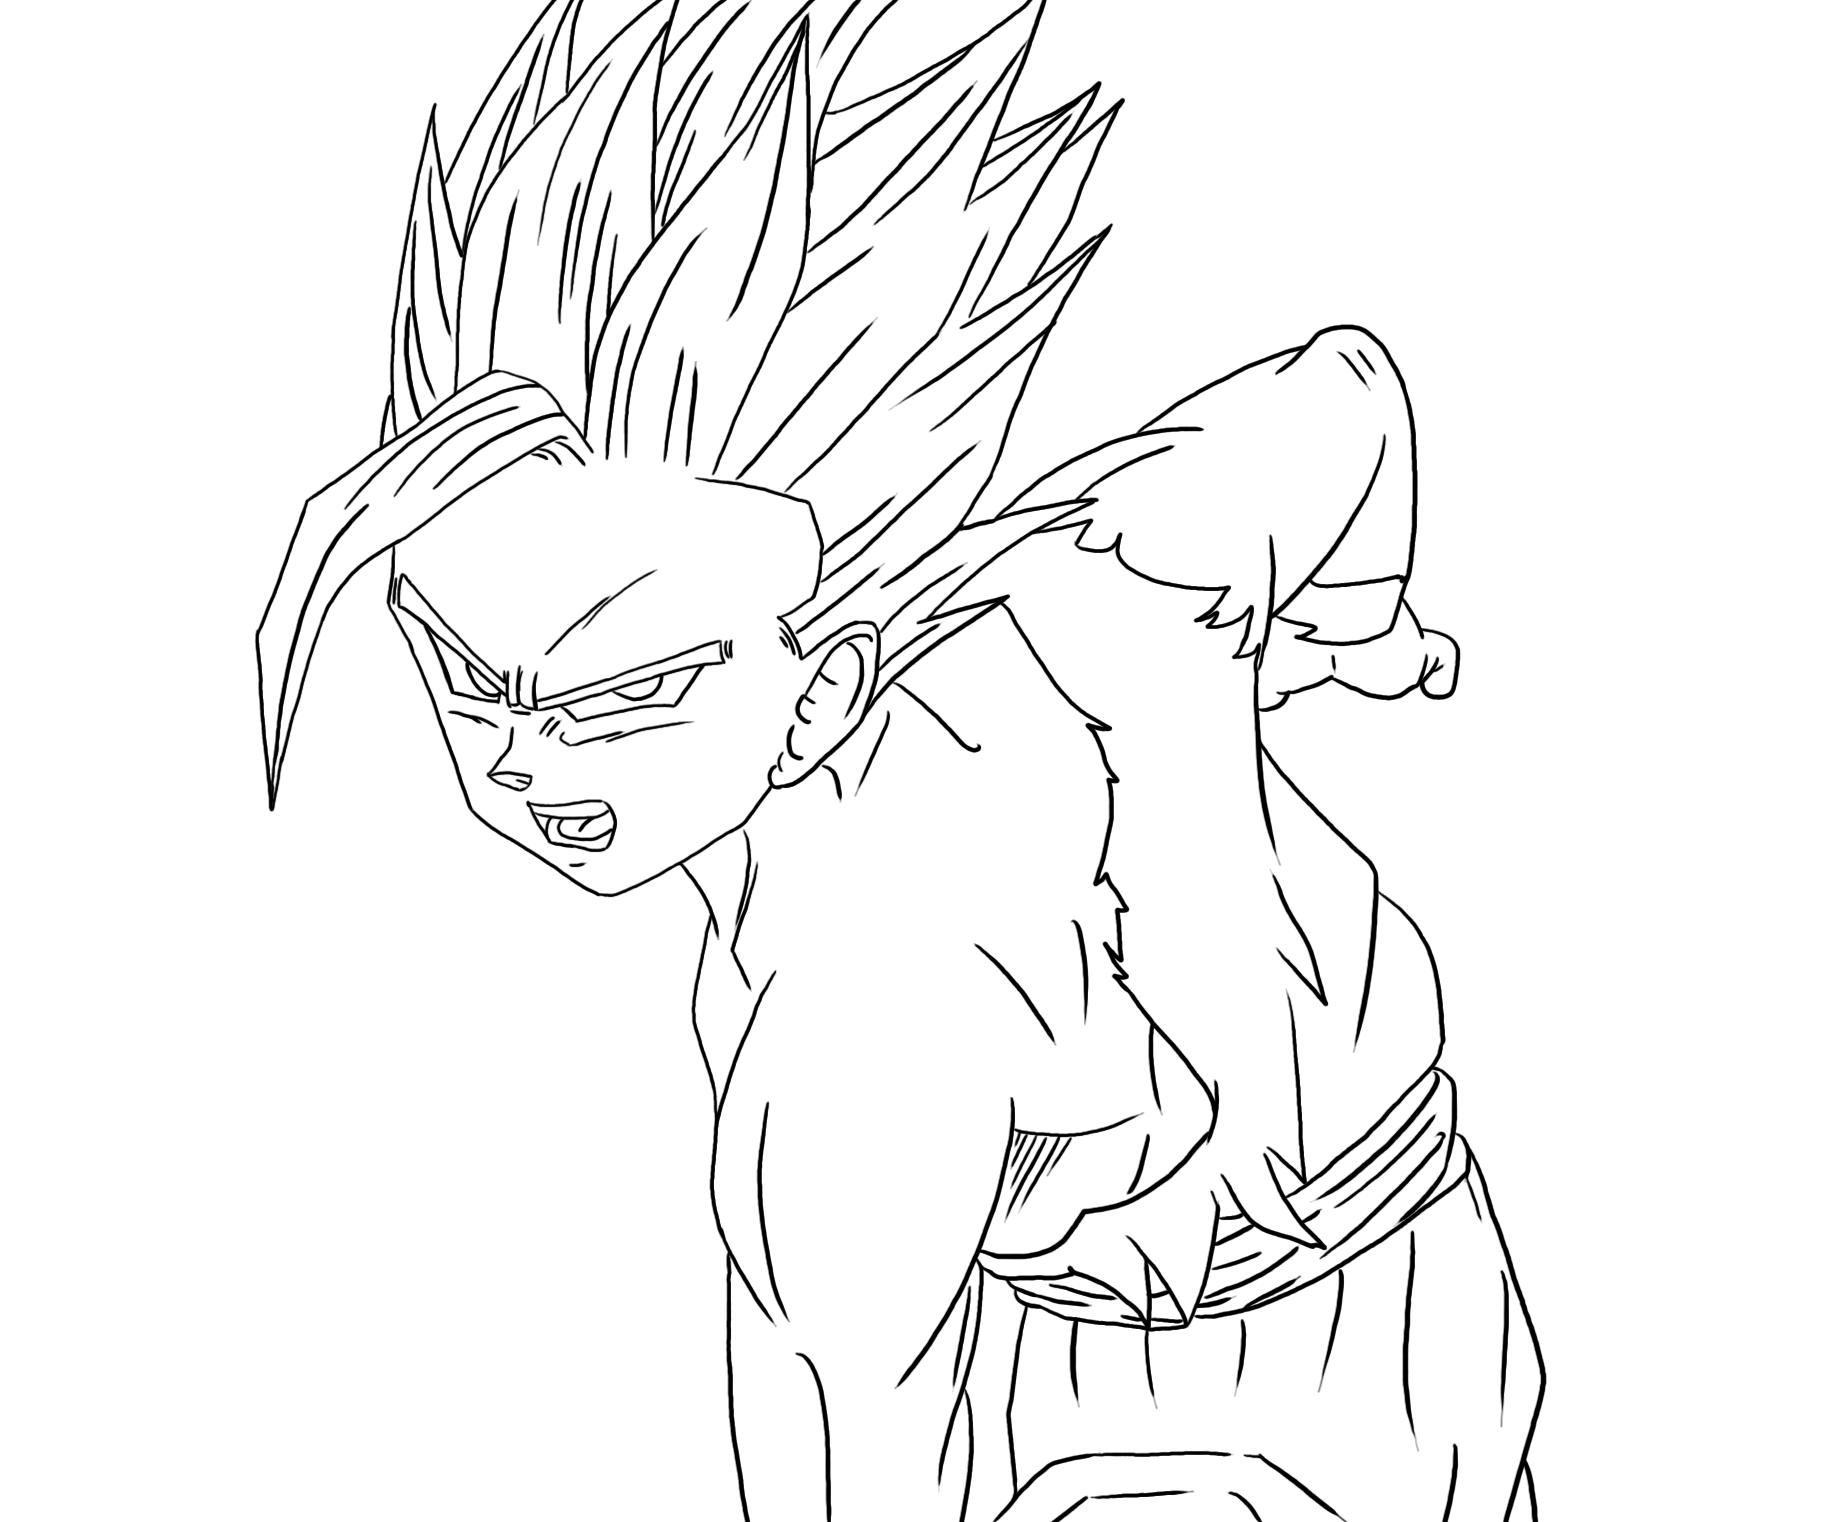 Dibujos Para Colorear De Dragon Ball Z Gohan Ssj2 Ideas: Coloriage De Sangohan Adulte